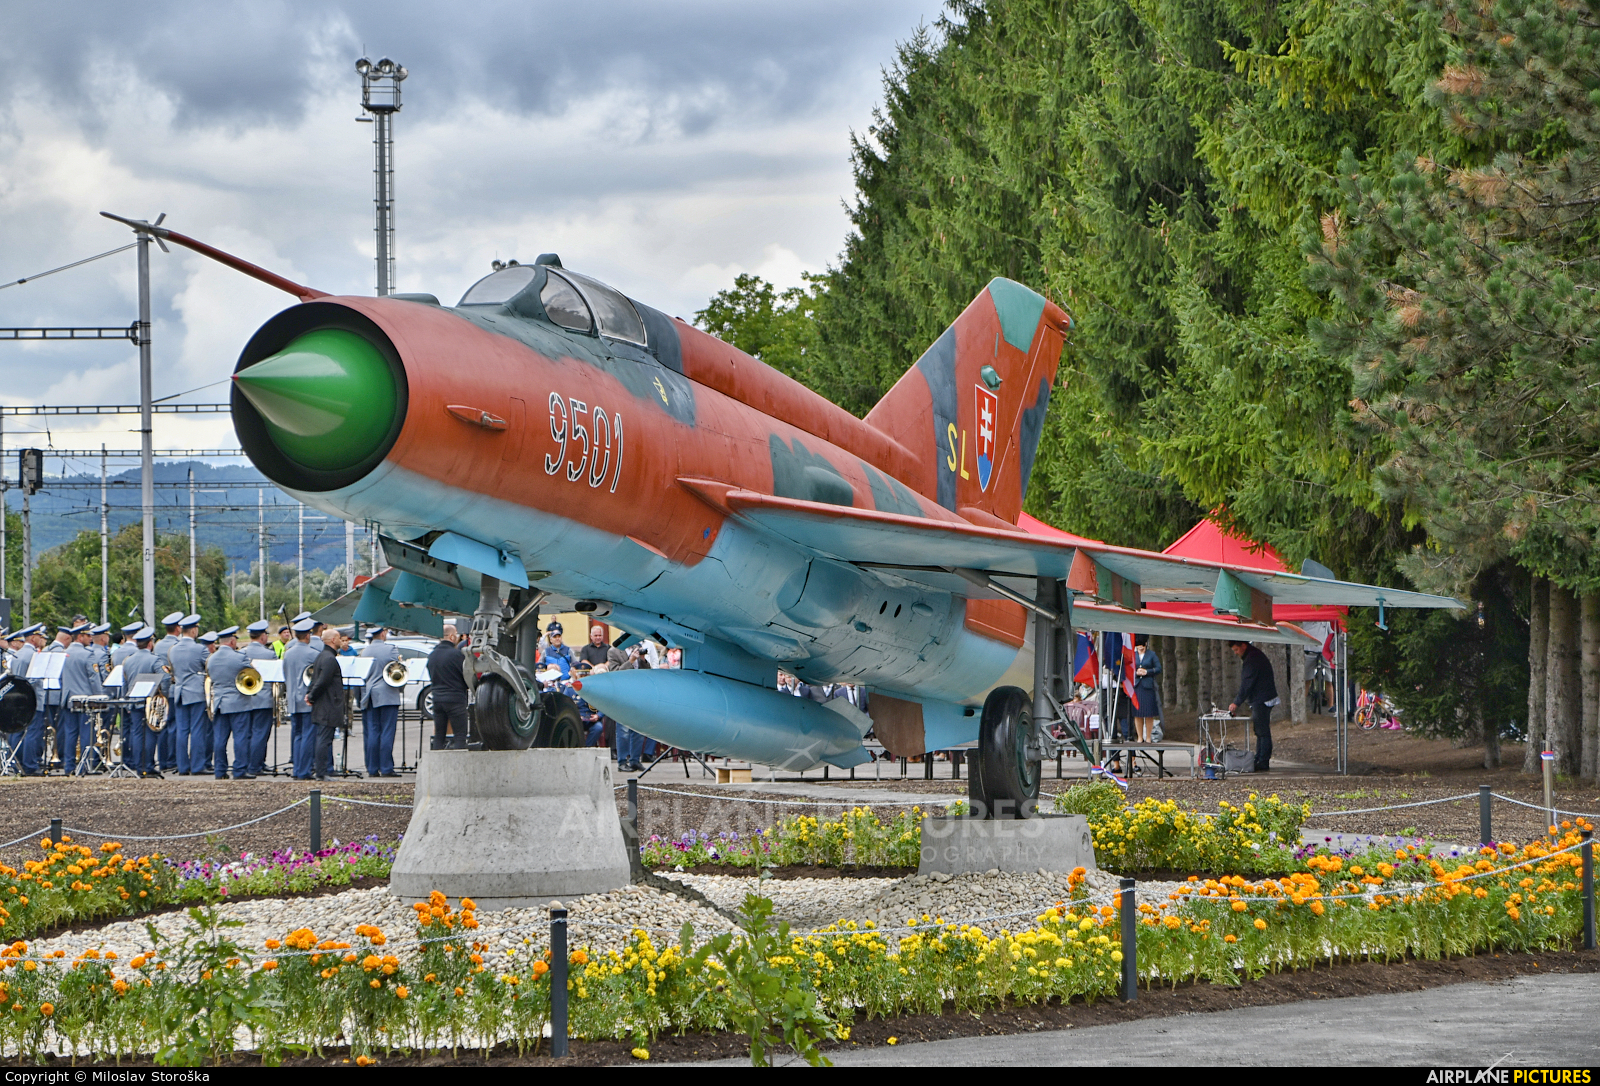 Slovakia -  Air Force 9501 aircraft at Off Airport - Slovakia